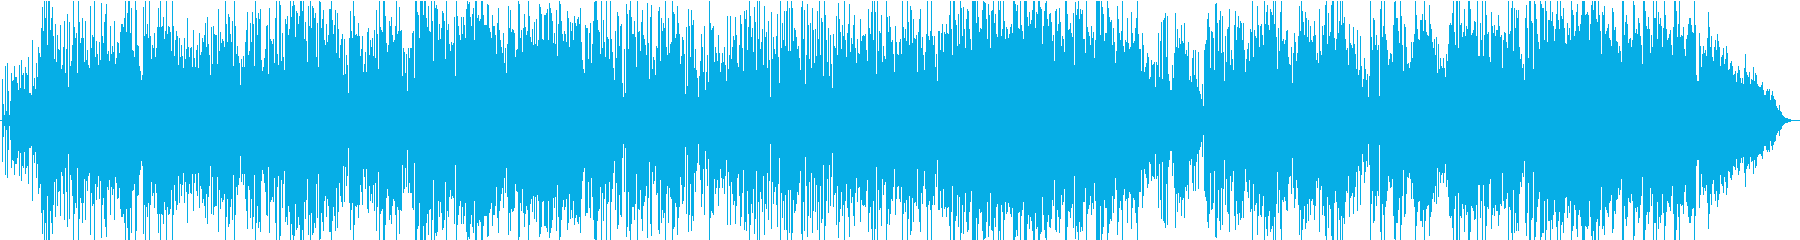 ジャジーなグルーヴ。ファンク。の再生済みの波形